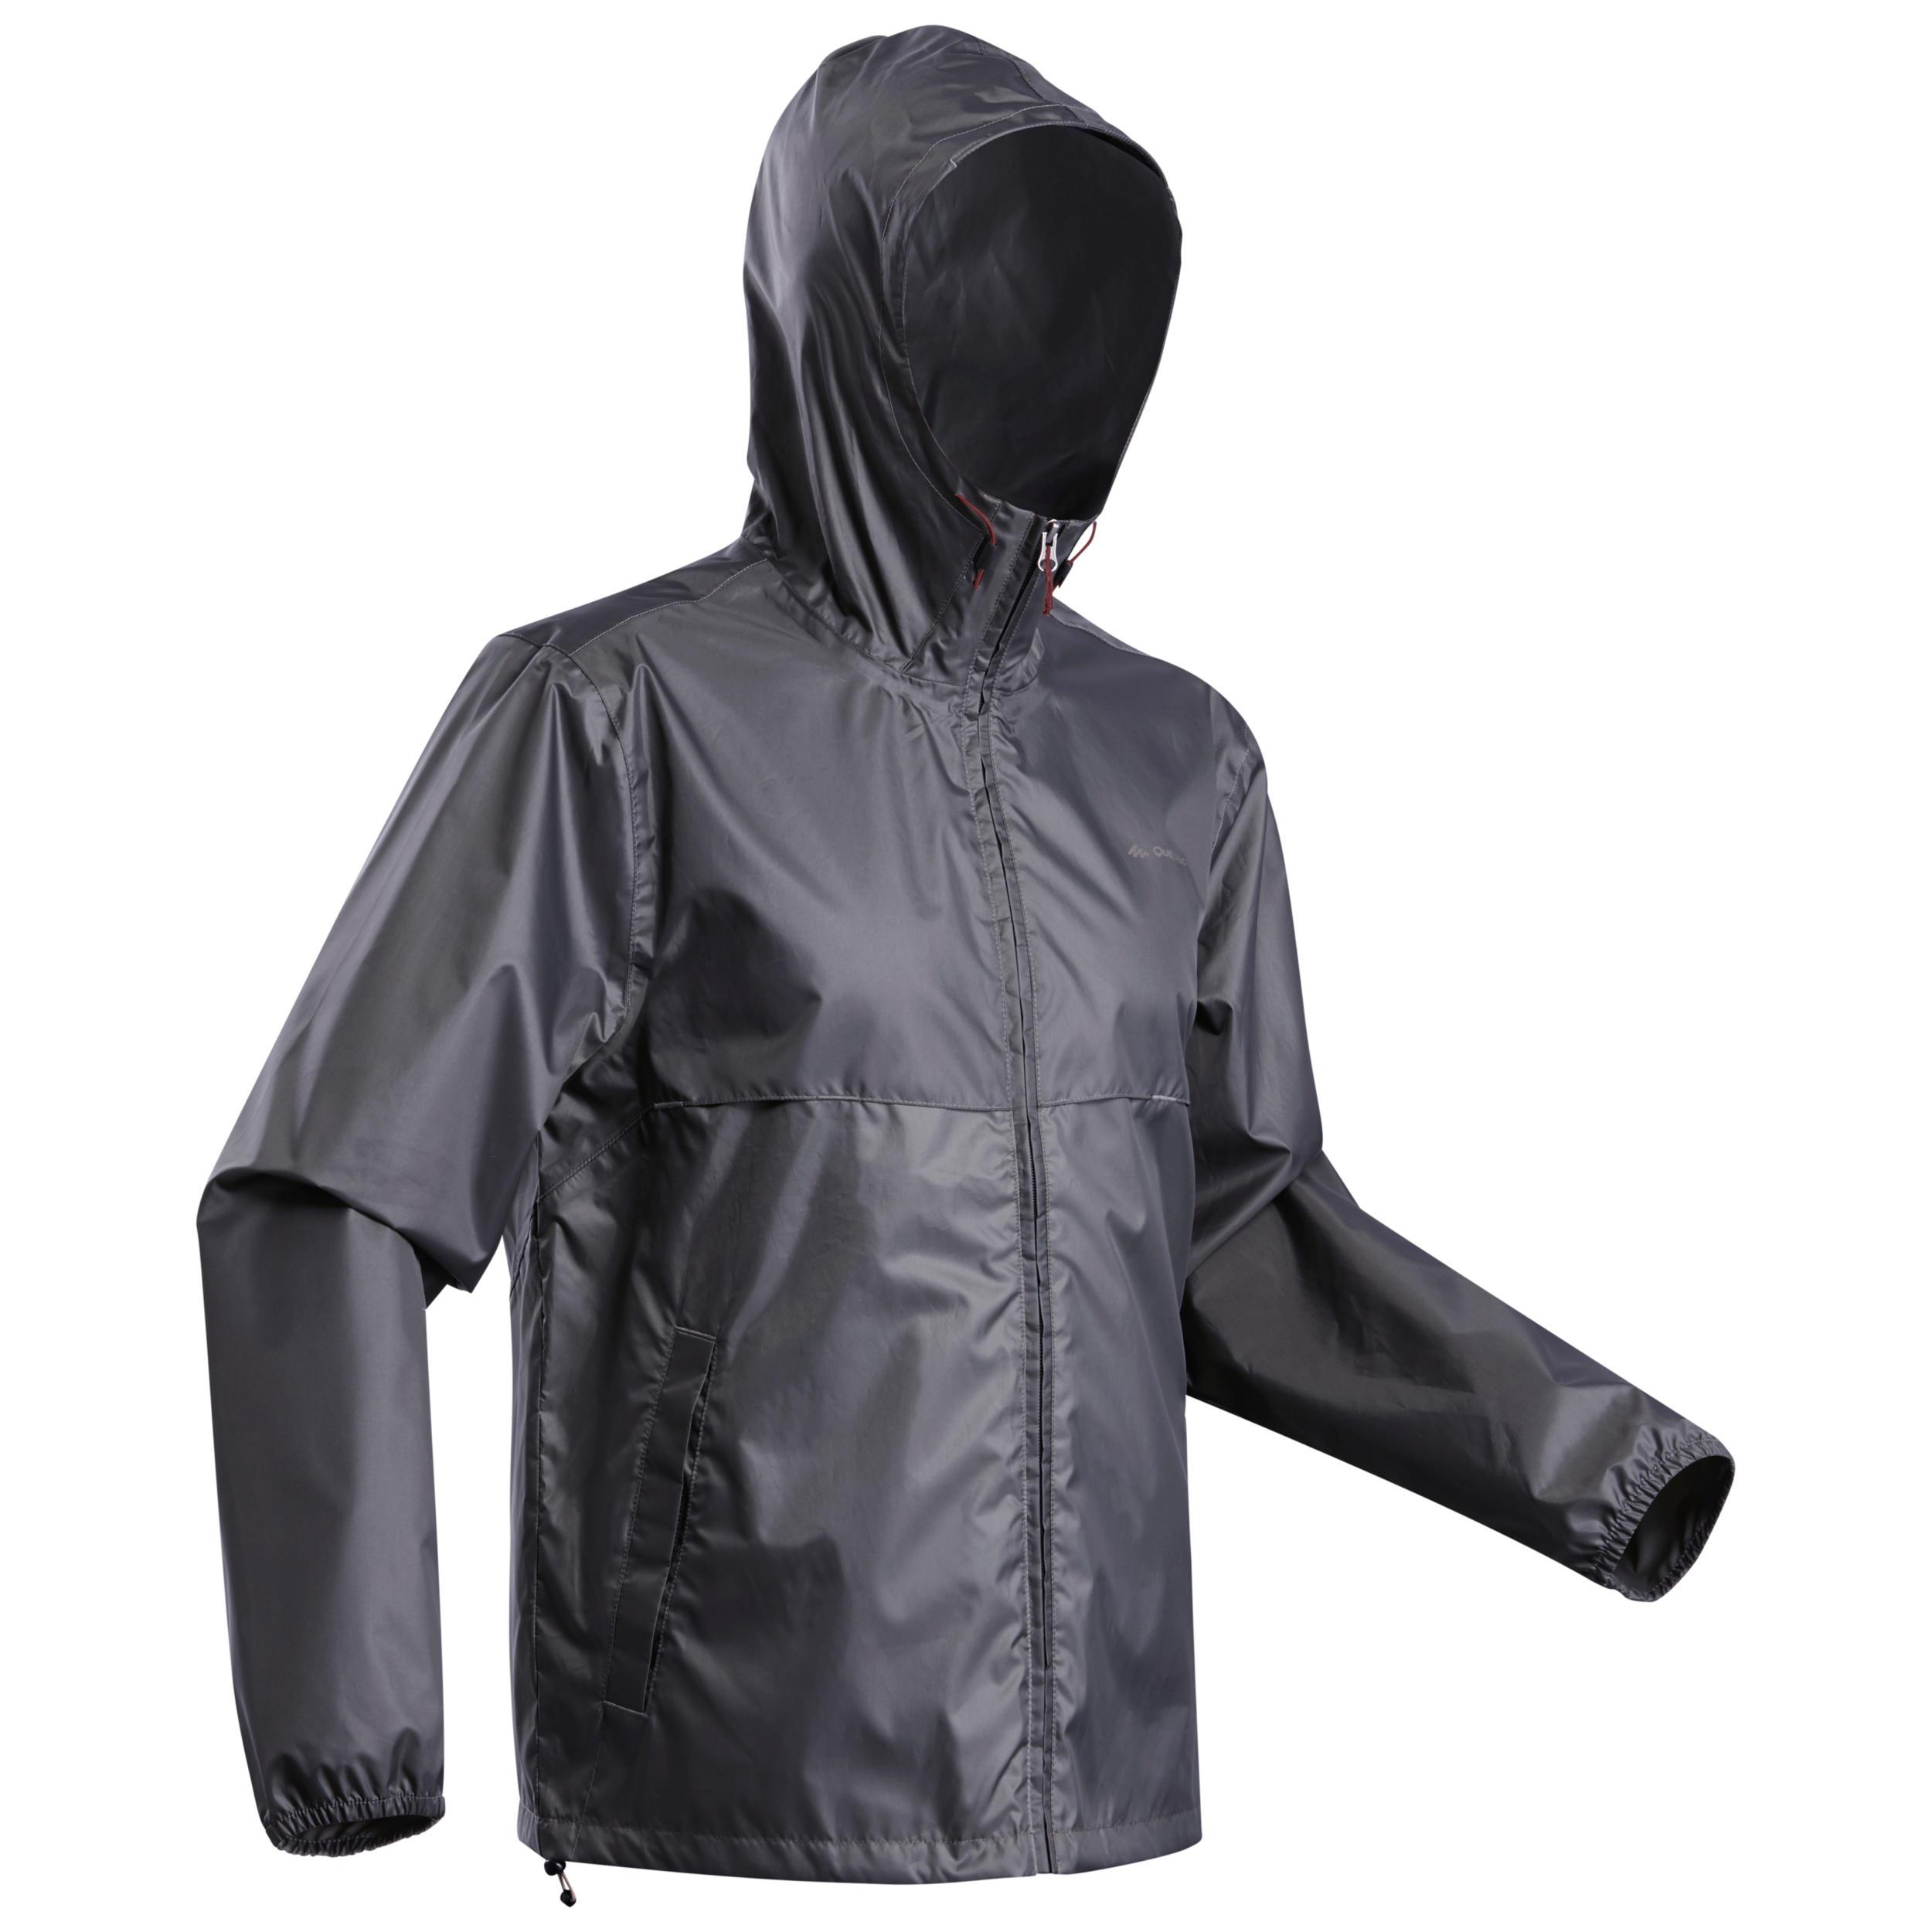 by Hartje CT giacca impermeabile da moto Island Gr XL 100/% impermeabile nero//giallo fluo